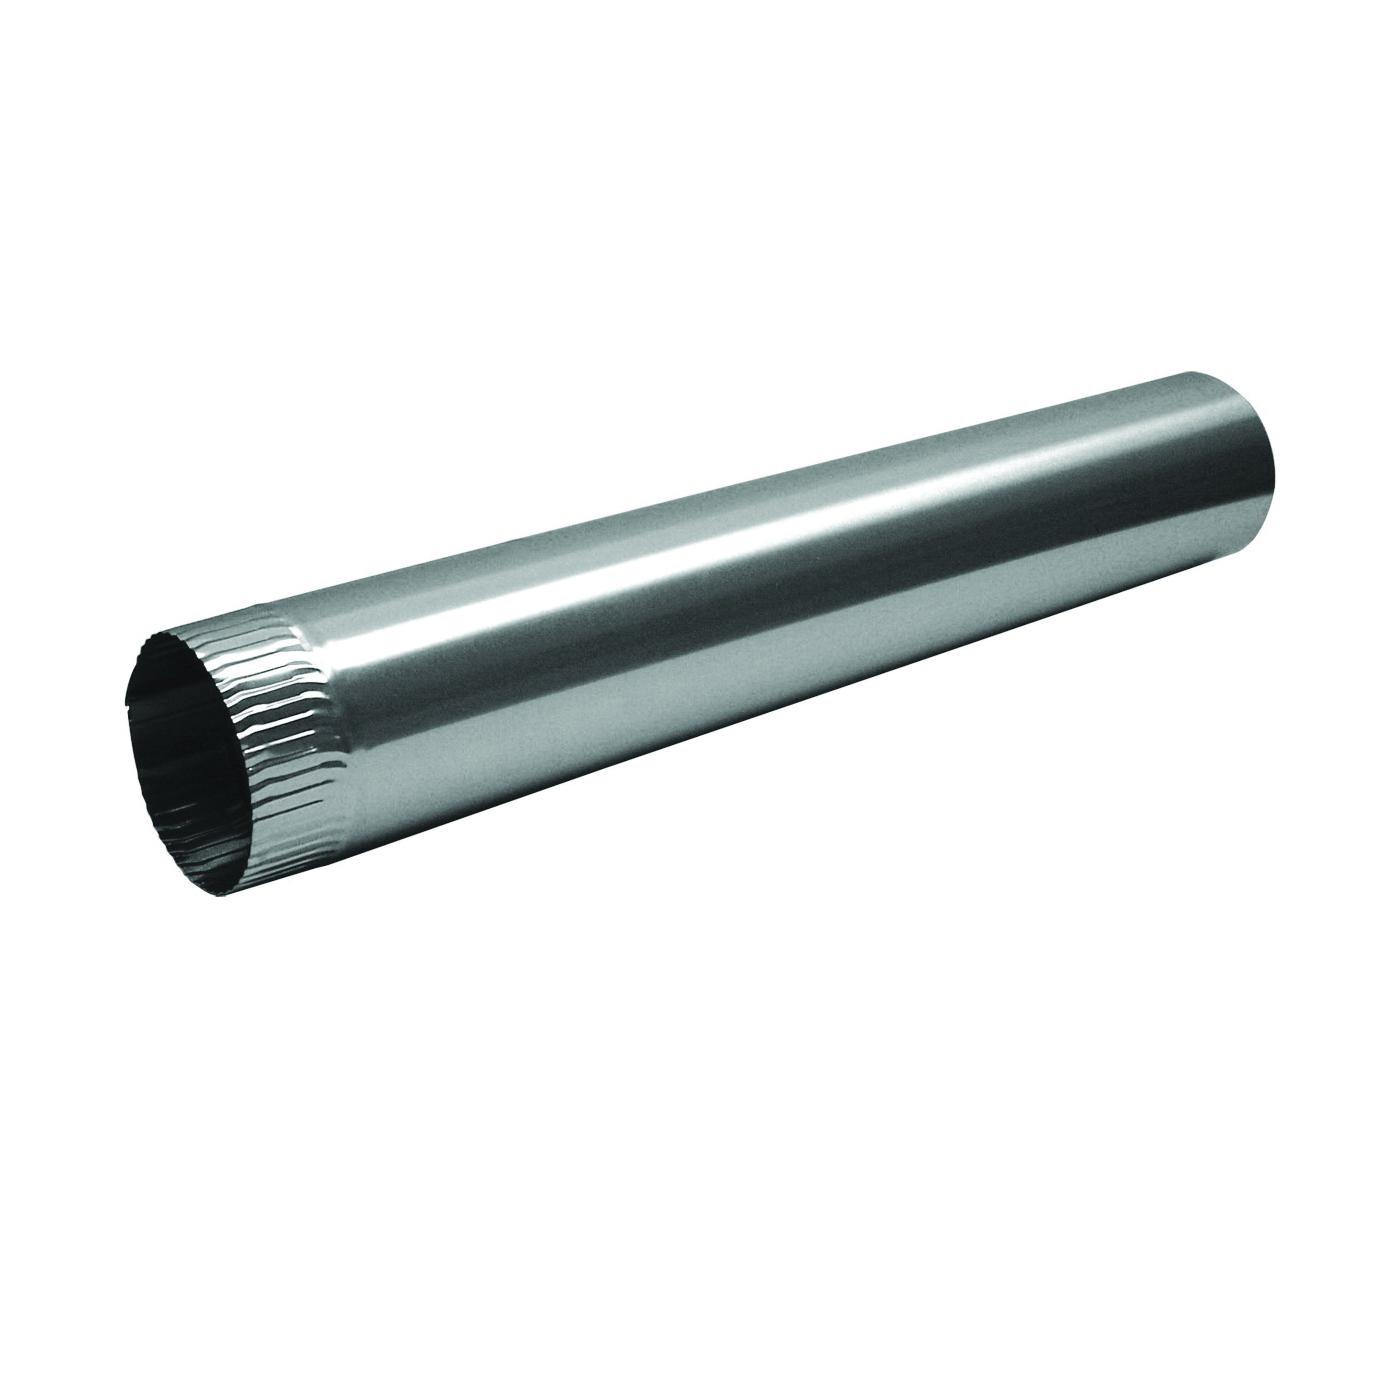 Picture of Lambro 228 Dryer Vent Pipe, Aluminum